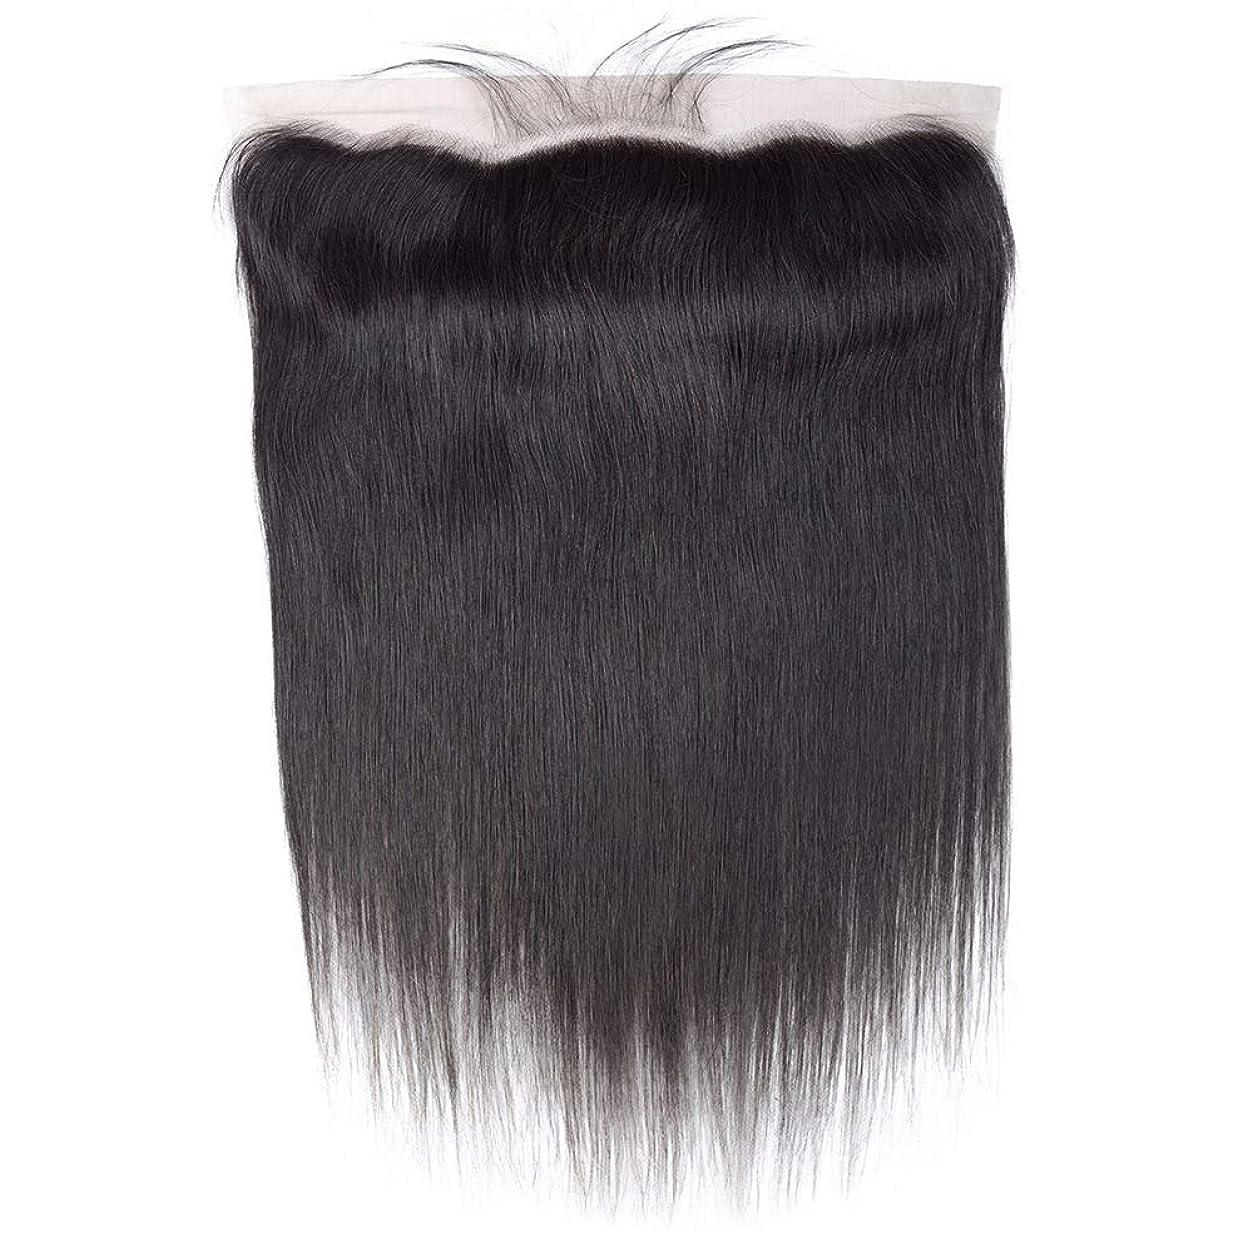 女将健全不快髪の毛ブラジル髪織りまっすぐ人間の髪の毛レース前頭耳に耳13 x 4フリーパーツ前頭葉で赤ん坊の髪漂白ノットナチュラルカラー